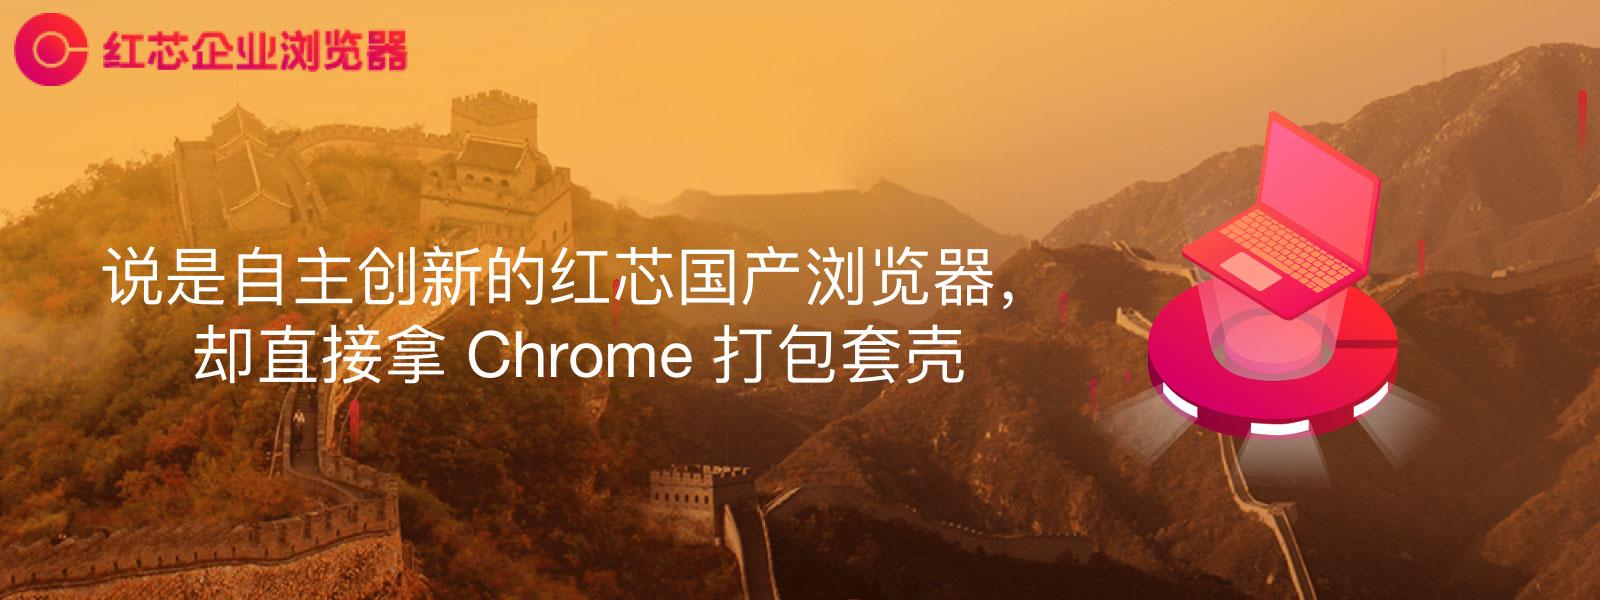 说是自主创新的红芯国产浏览器,却直接拿 Chrome 打包套壳